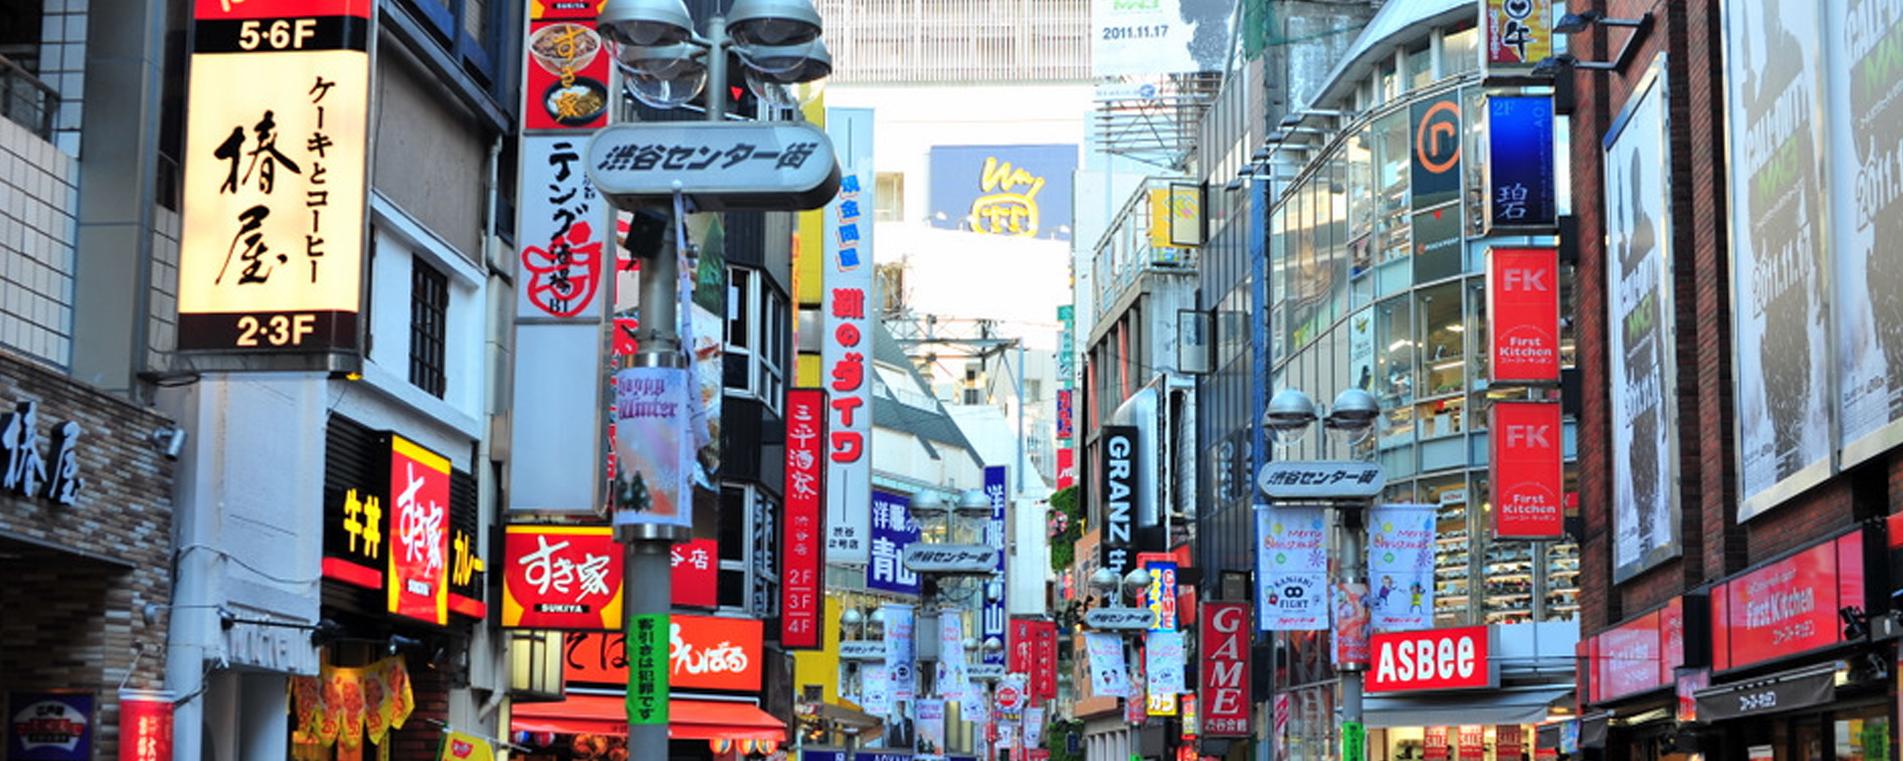 Shibuya Street © Shibuya 246 flickr